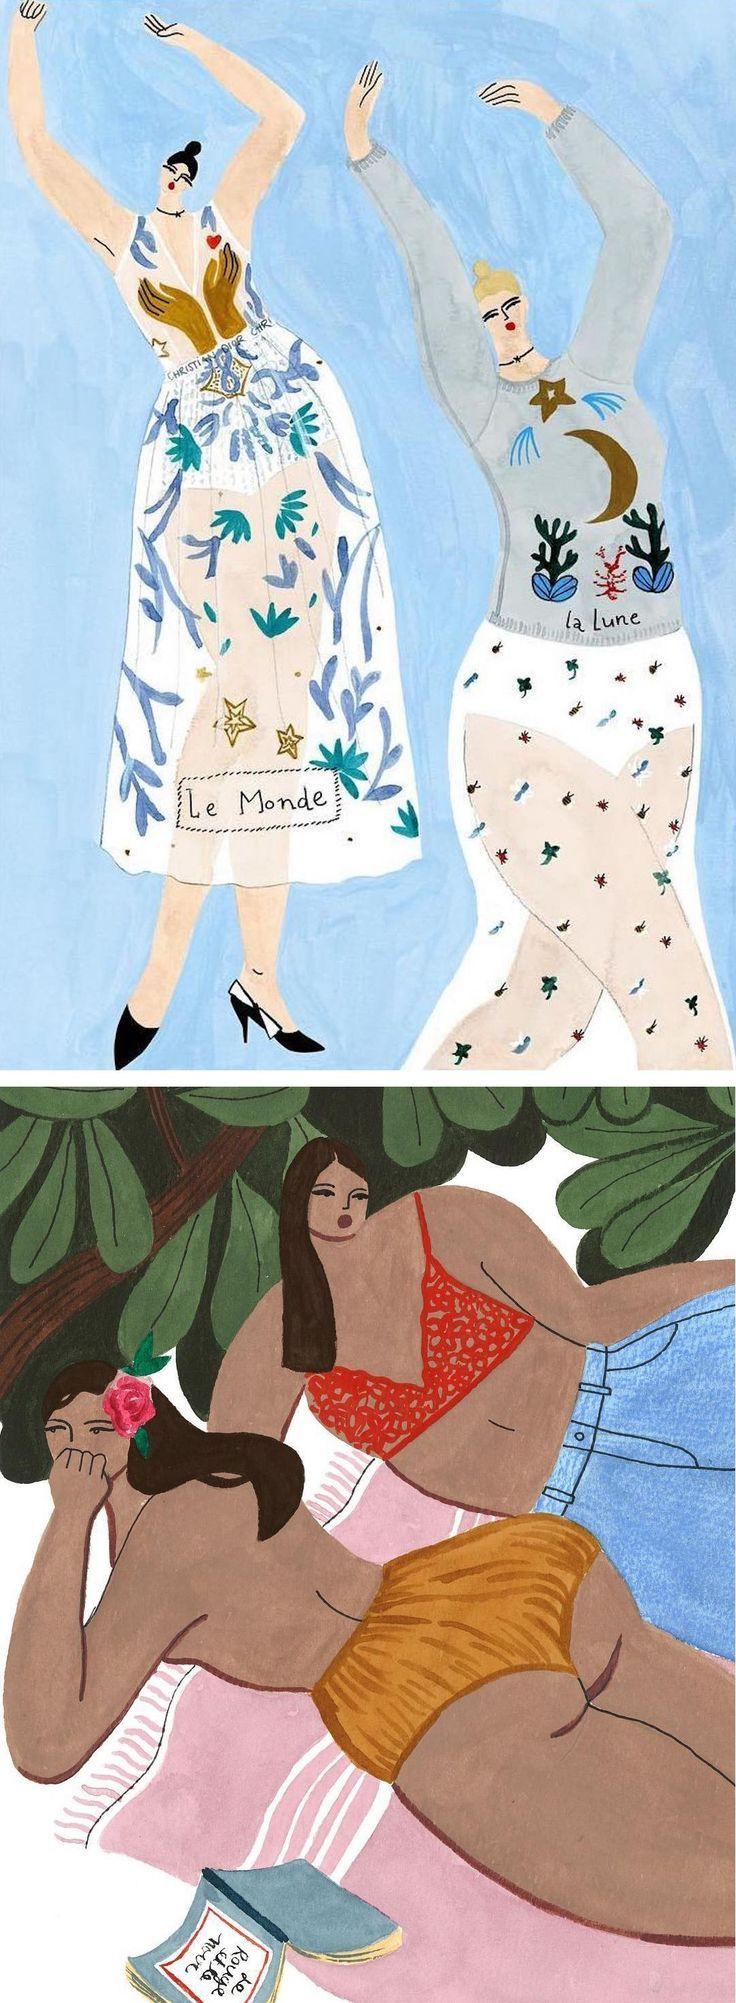 Isabelle Feliu fashion illustration #lifestyleillustration #ilustratedladies #curvyladies